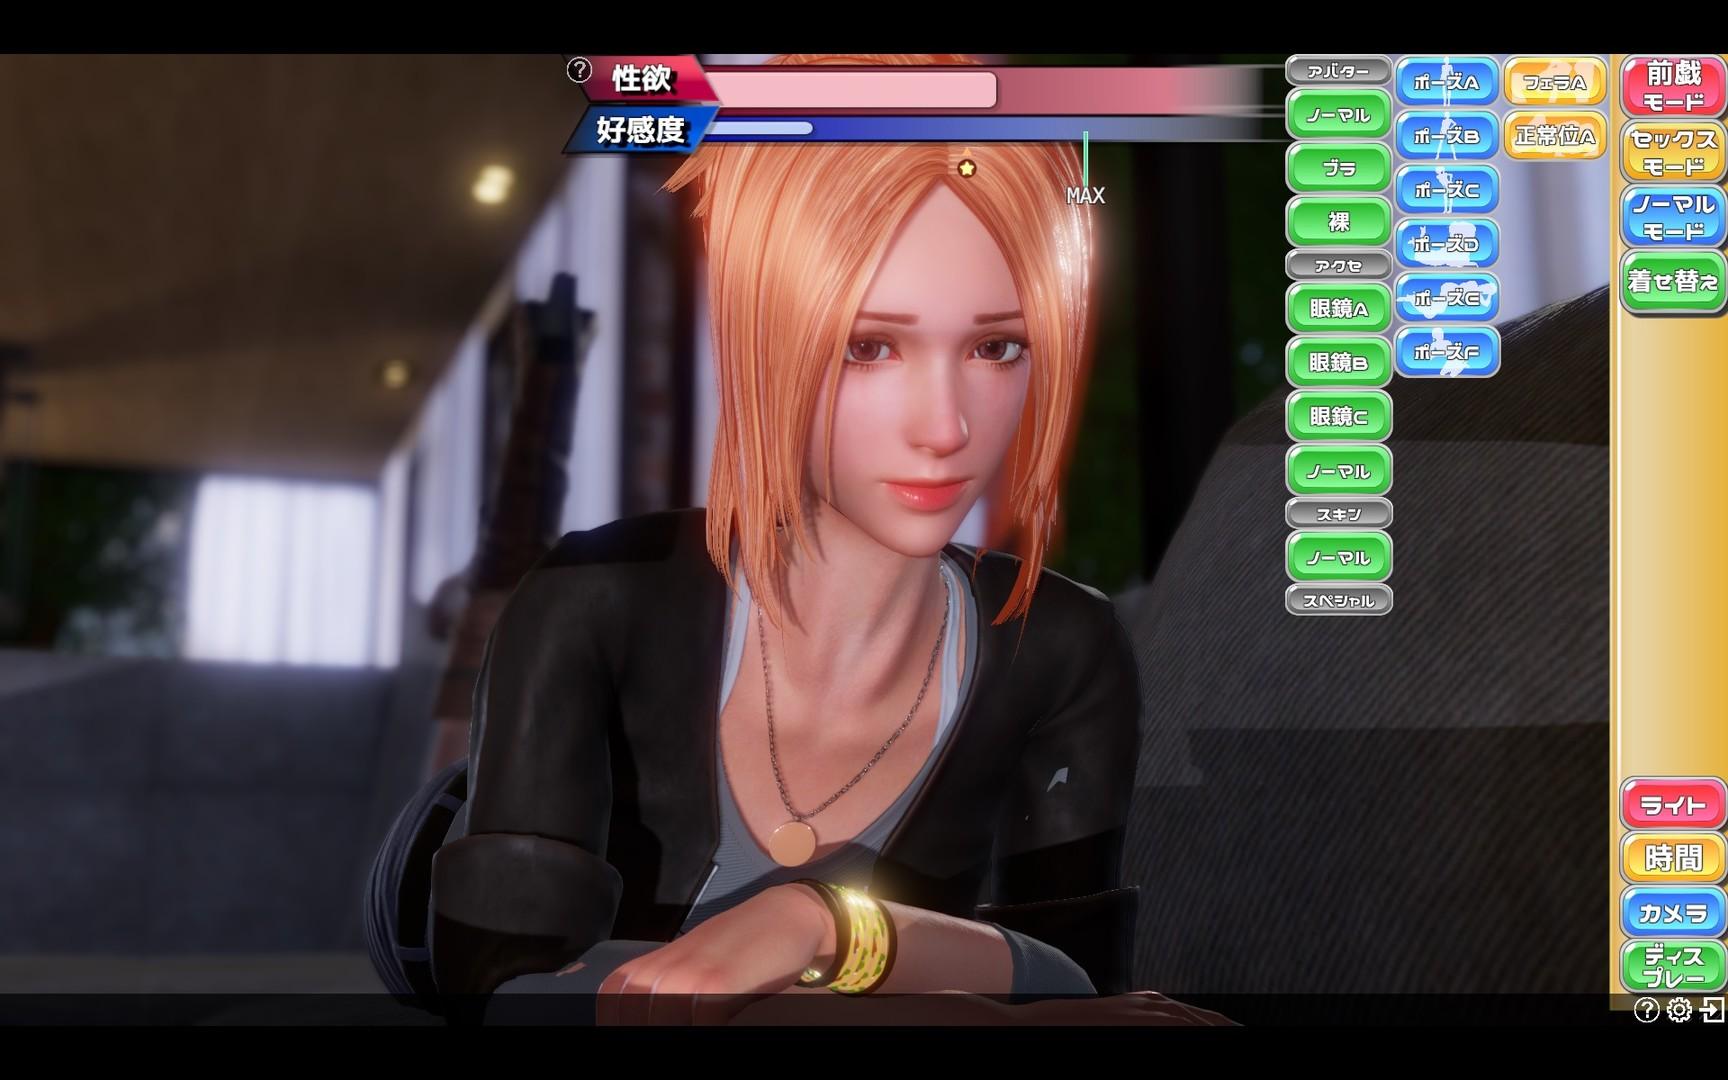 單手讓她懷孕!18禁遊戲《完璧な彼女》完美女友模擬器登上Steam!